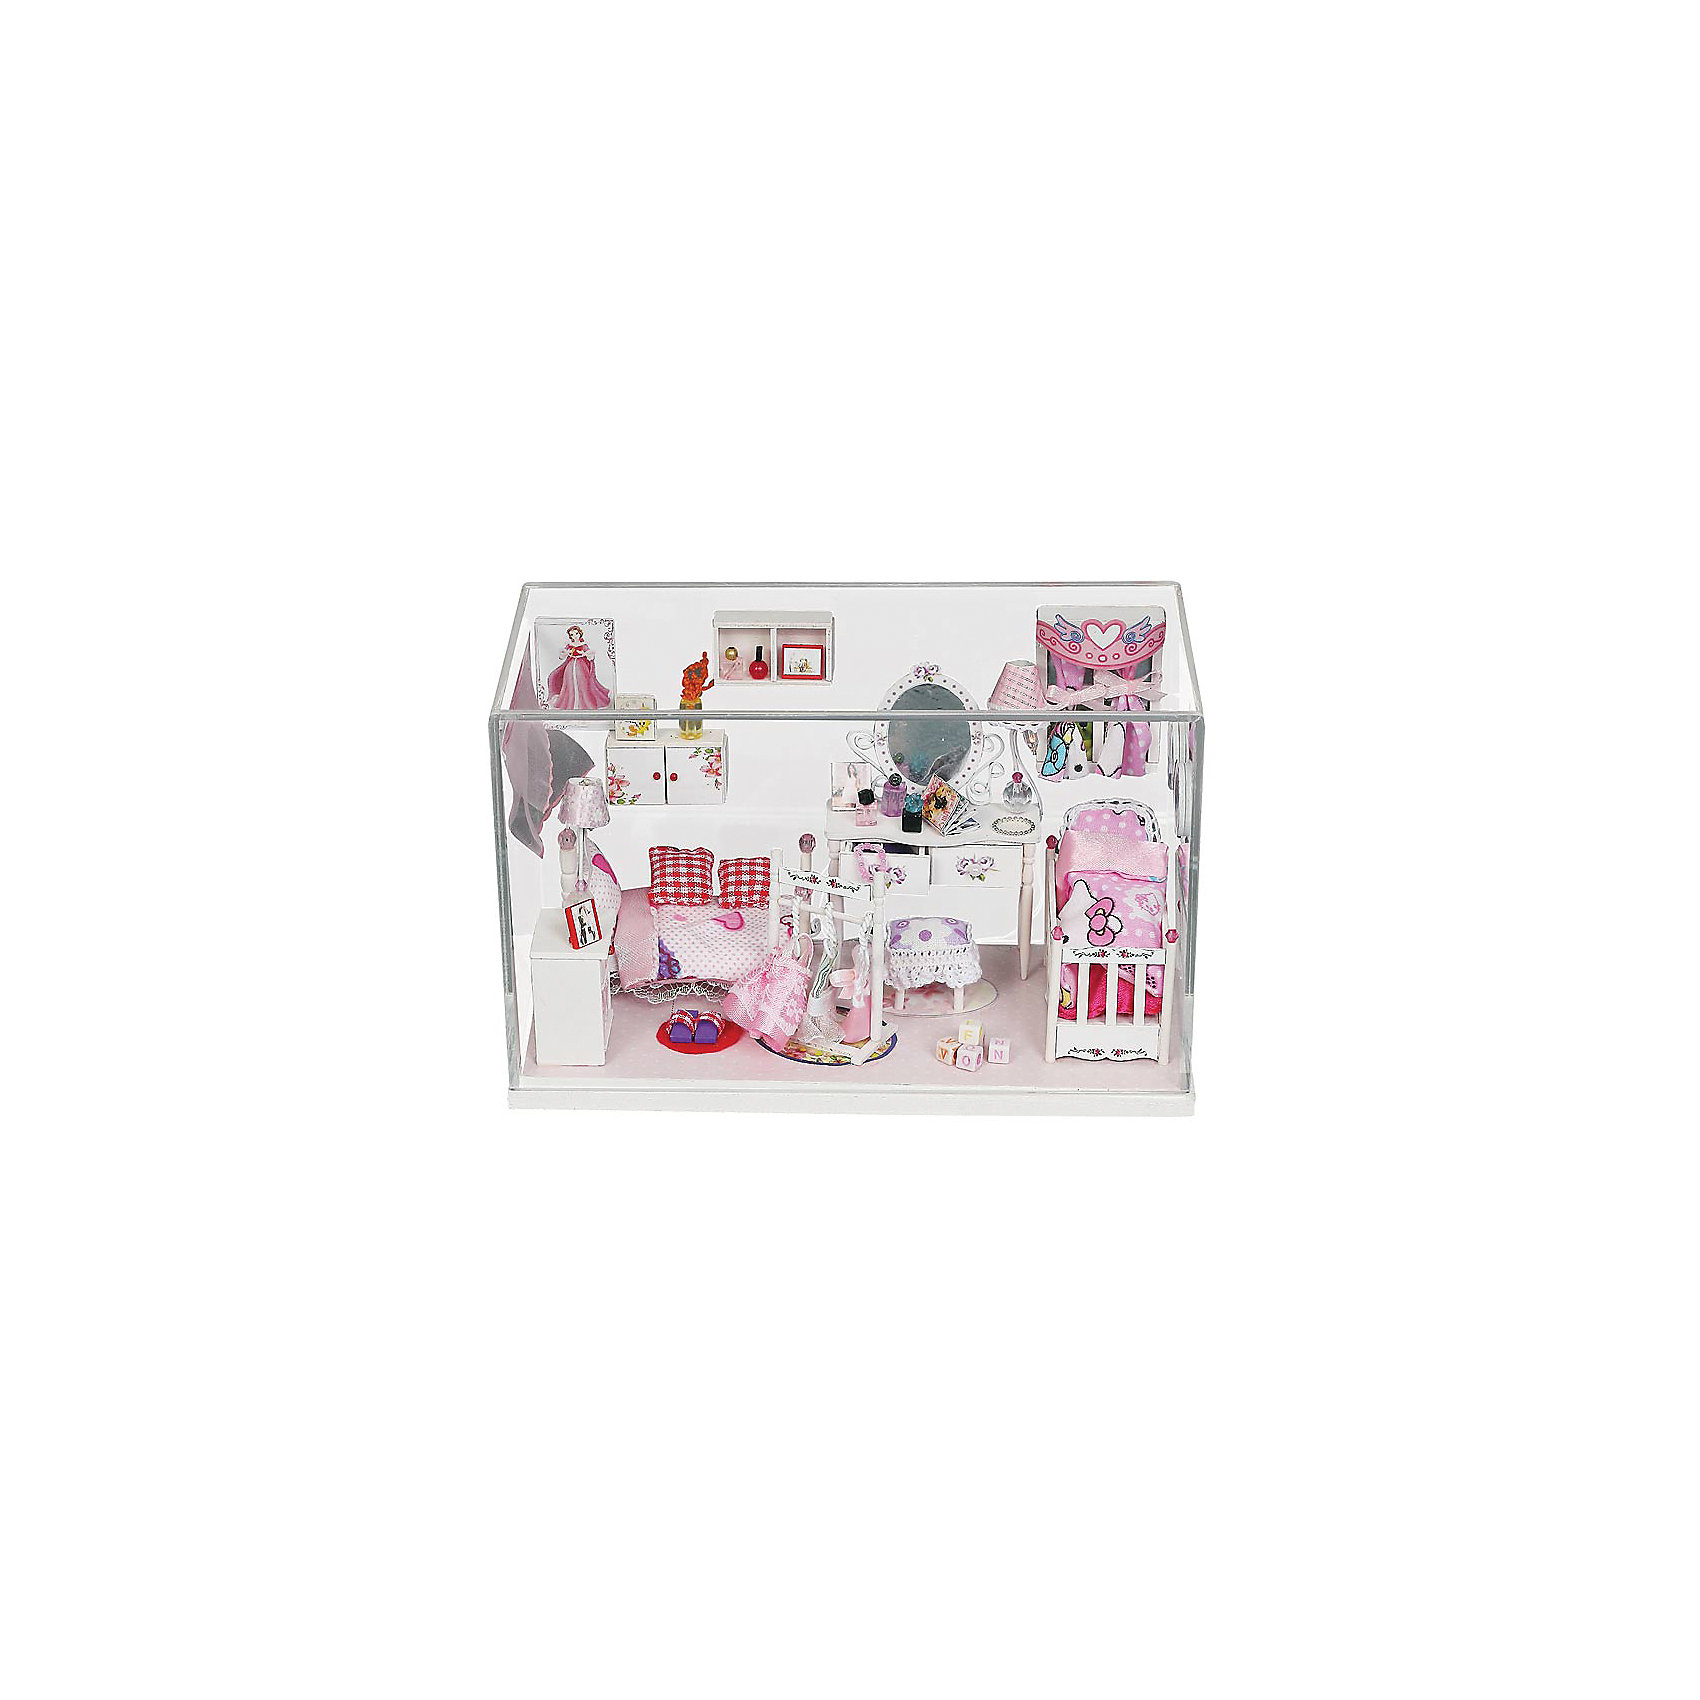 Скрапбукинг-набор для создания миниатюры Комната принцессыРукоделие<br>Скрапбукинг-набор для создания миниатюры Комната принцессы, Белоснежка.<br><br>Характеристики:<br><br>• объемная миниатюра своими руками<br>• содержит всё необходимое <br>• в комплекте: основа миниатюры, ножницы, наждачная бумага, пинцет, детали мебели, набор тканей и бумаги, пластиковые детали, веревки, проволока, бусины, высушенные цветы, клей, LED-освещение со звуковым включением, пошаговая инструкция<br>• размер: 9,5х20,5х12,4 см<br><br>Комната принцессы - потрясающий набор для скрапбукинга от торговой марки Белоснежка. С его помощью вы сможете создать объемную миниатюру, поражающую своей утонченностью. Пошаговая инструкция поможет вам в точности повторить все детали в соответствии с картинкой. Также вы можете проявить фантазию и создать свои детали миниатюры. Каждая деталь тщательно продумана: полочки, мебель, детали интерьера, постельное белье, аксессуары и даже цветы. Стеклянный футляр защитит композицию от пыли. Вы можете менять детали интерьера в любое время по своему усмотрению. Создав миниатюру, вы сможете украсить ею свою комнату или сделать прекрасный подарок близкому человеку!<br><br>Скрапбукинг-набор для создания миниатюры Комната принцессы вы можете купить в нашем интернет-магазине.<br><br>Ширина мм: 200<br>Глубина мм: 150<br>Высота мм: 60<br>Вес г: 1370<br>Возраст от месяцев: 72<br>Возраст до месяцев: 144<br>Пол: Женский<br>Возраст: Детский<br>SKU: 5089787